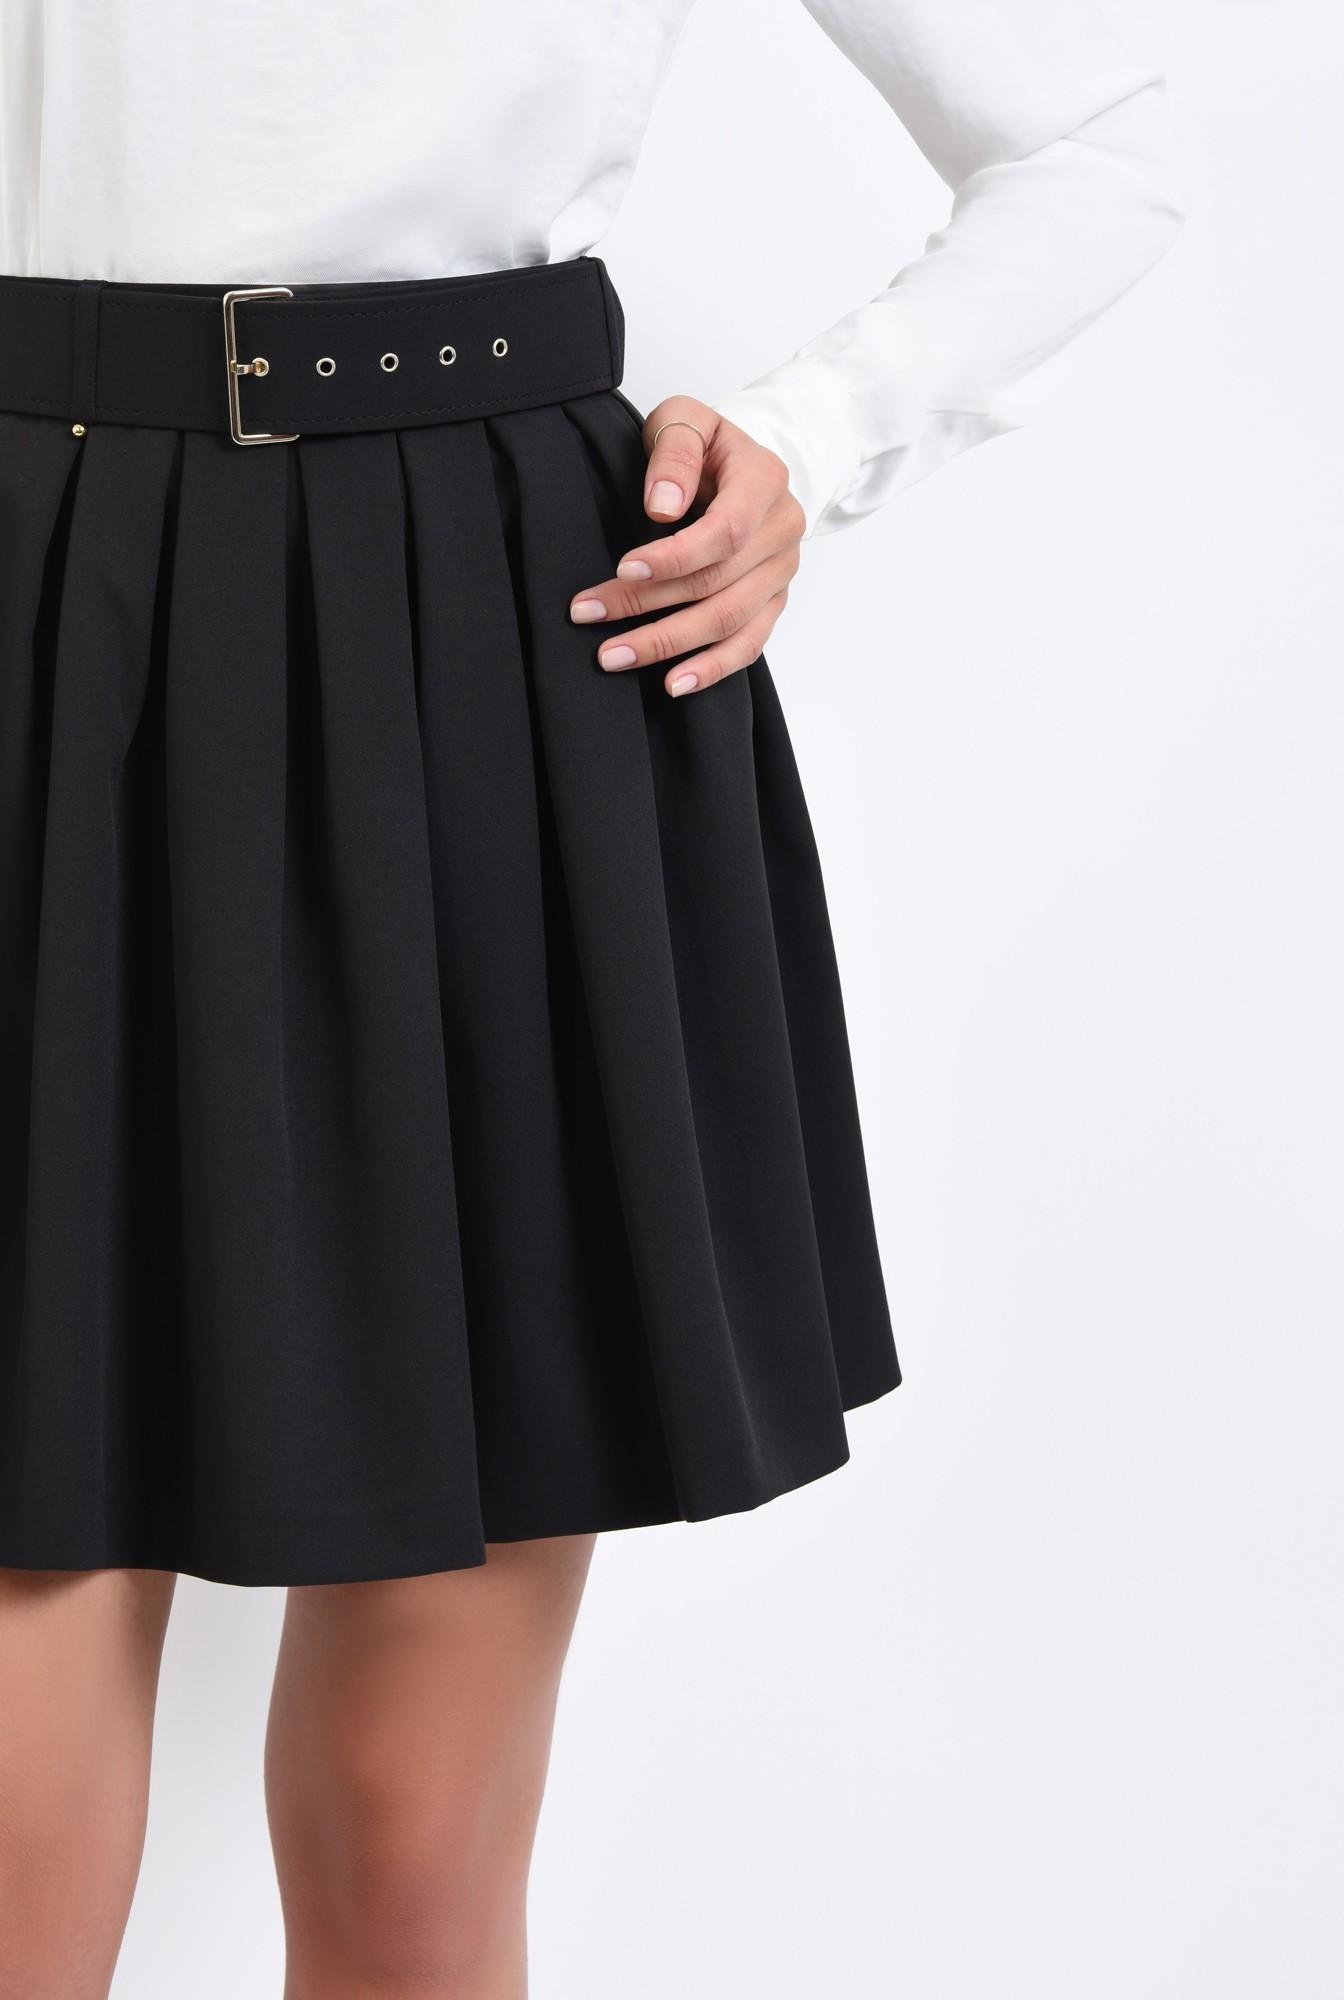 2 - fusta neagra, plisata, centura, curea cu capse aurii, fuste online